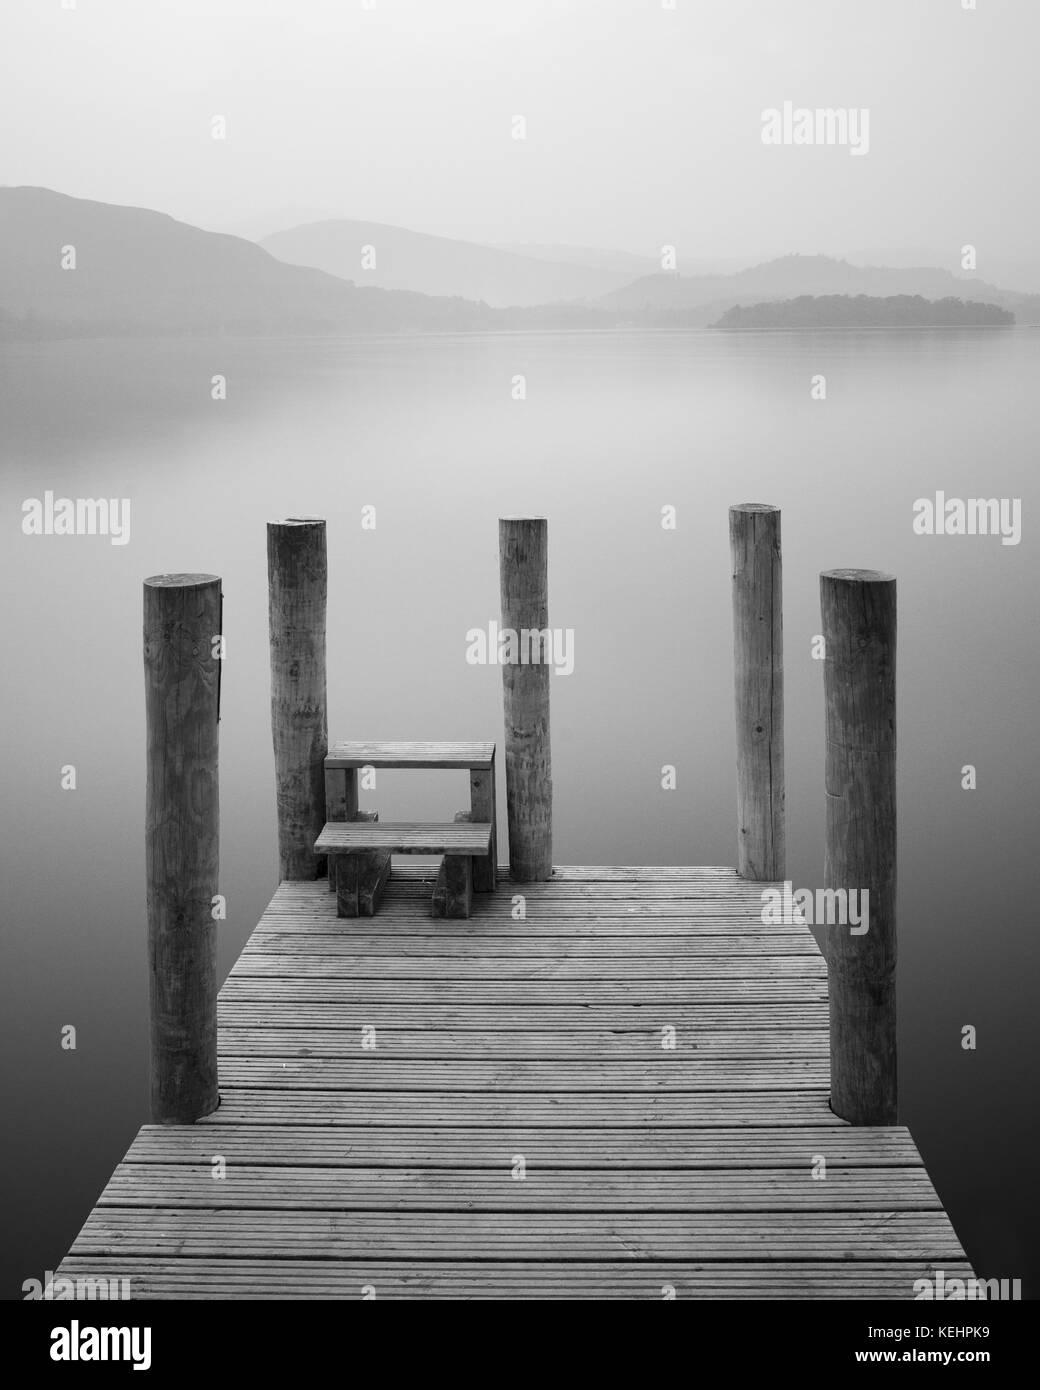 Anlegestelle Anlegestelle Anlegestelle Derwentwater See Bezirk Foggy Stille Meditation Stockbild